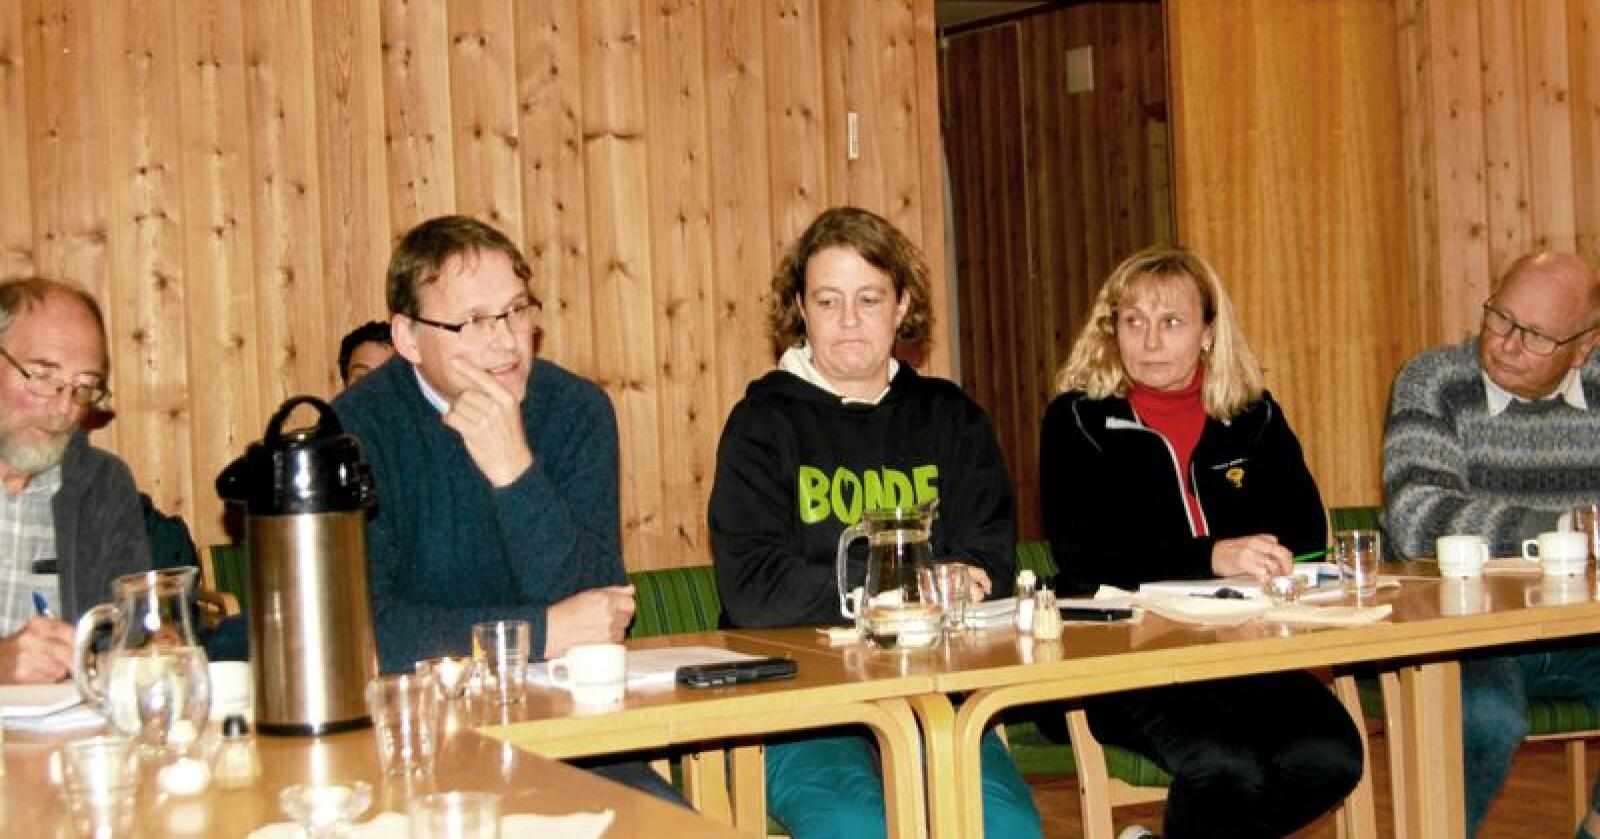 Widar Skogan, statssekretær i Landbruksdepartementet, var nylig i Rendalen i Hedmark for blant annet å møte sauebønder og høre om deres erfaringer med rovdyr. Fra venstre Per Finset (LMD), Widar Skogan (LMD), Elisabeth Gjems (Hedmark Bondelag), Margrete Nøkleby (Hedmark Bondelag) og Magne Rydland (Innlandet KrF). Foto: Svein Egil Hatlevik